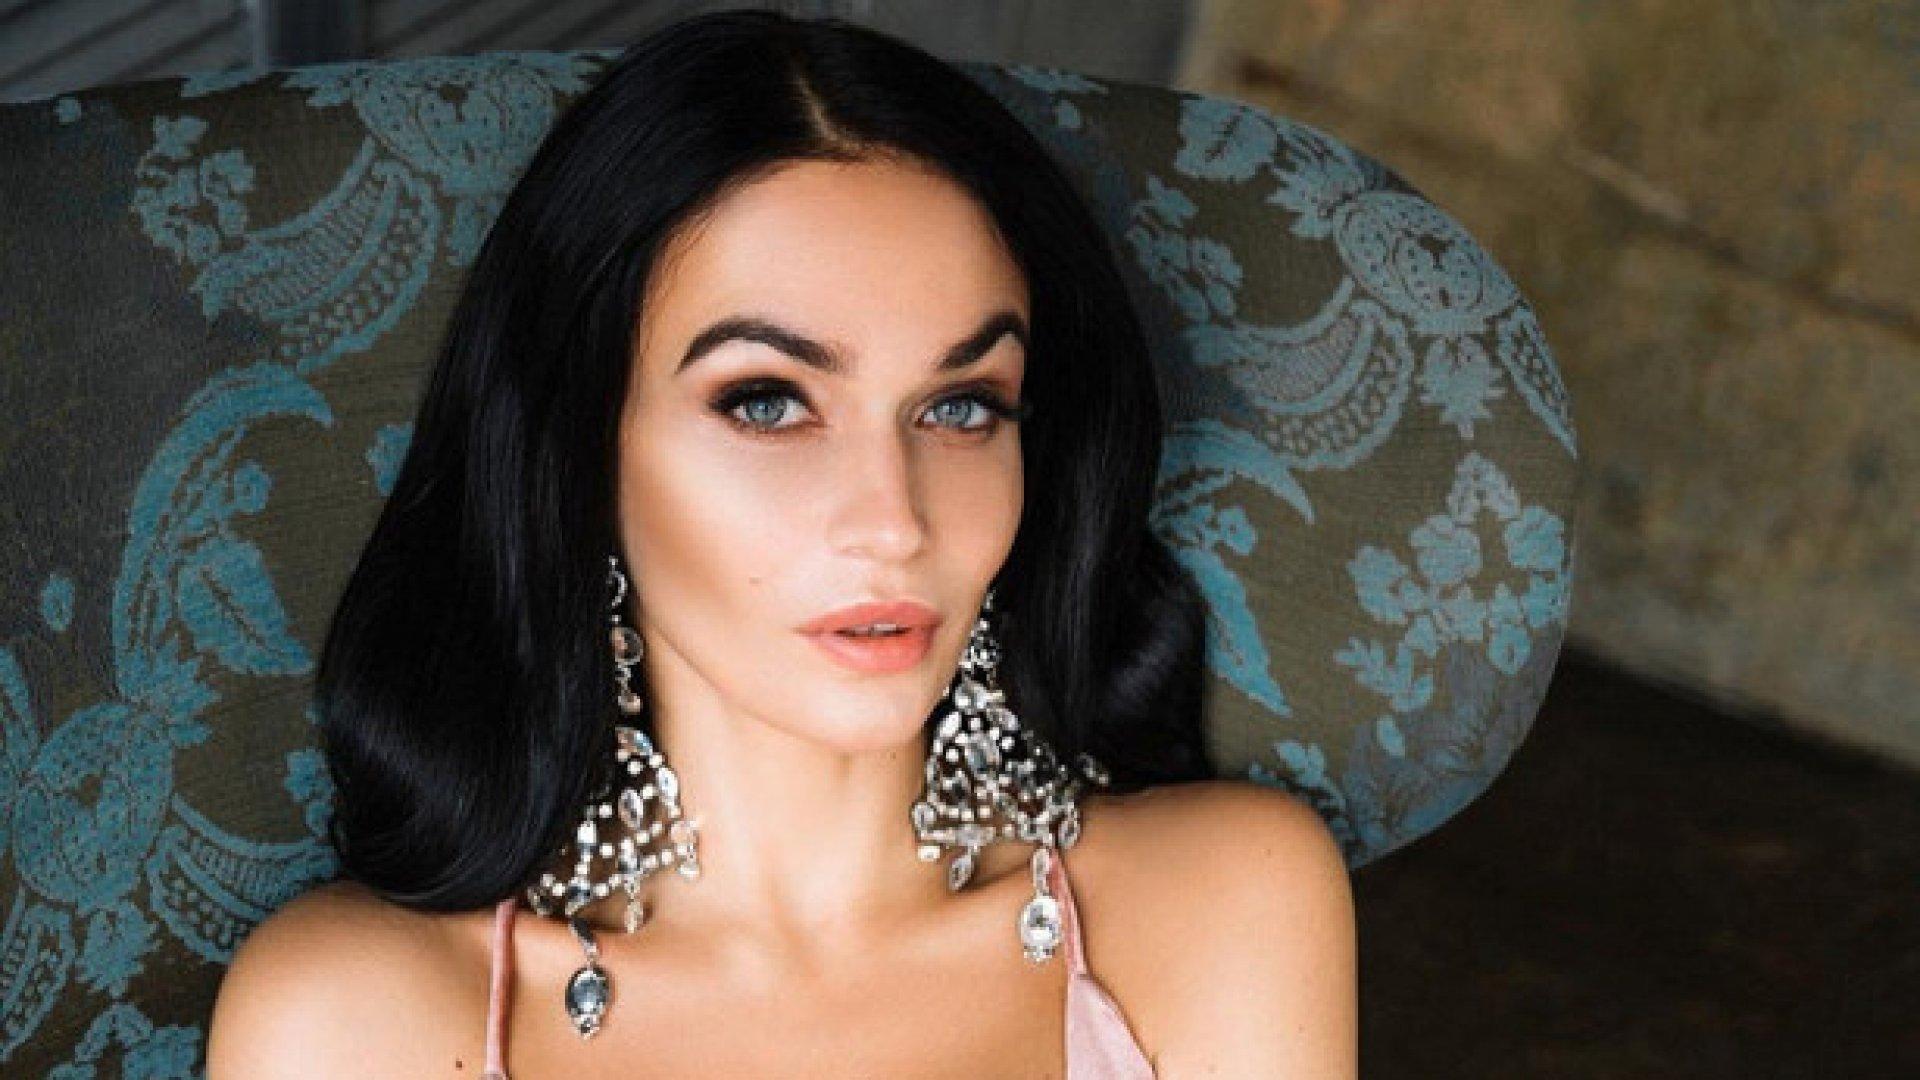 Твиттер алены водонаевой, Алена Водонаева в Инстаграм - новые фото и видео 25 фотография